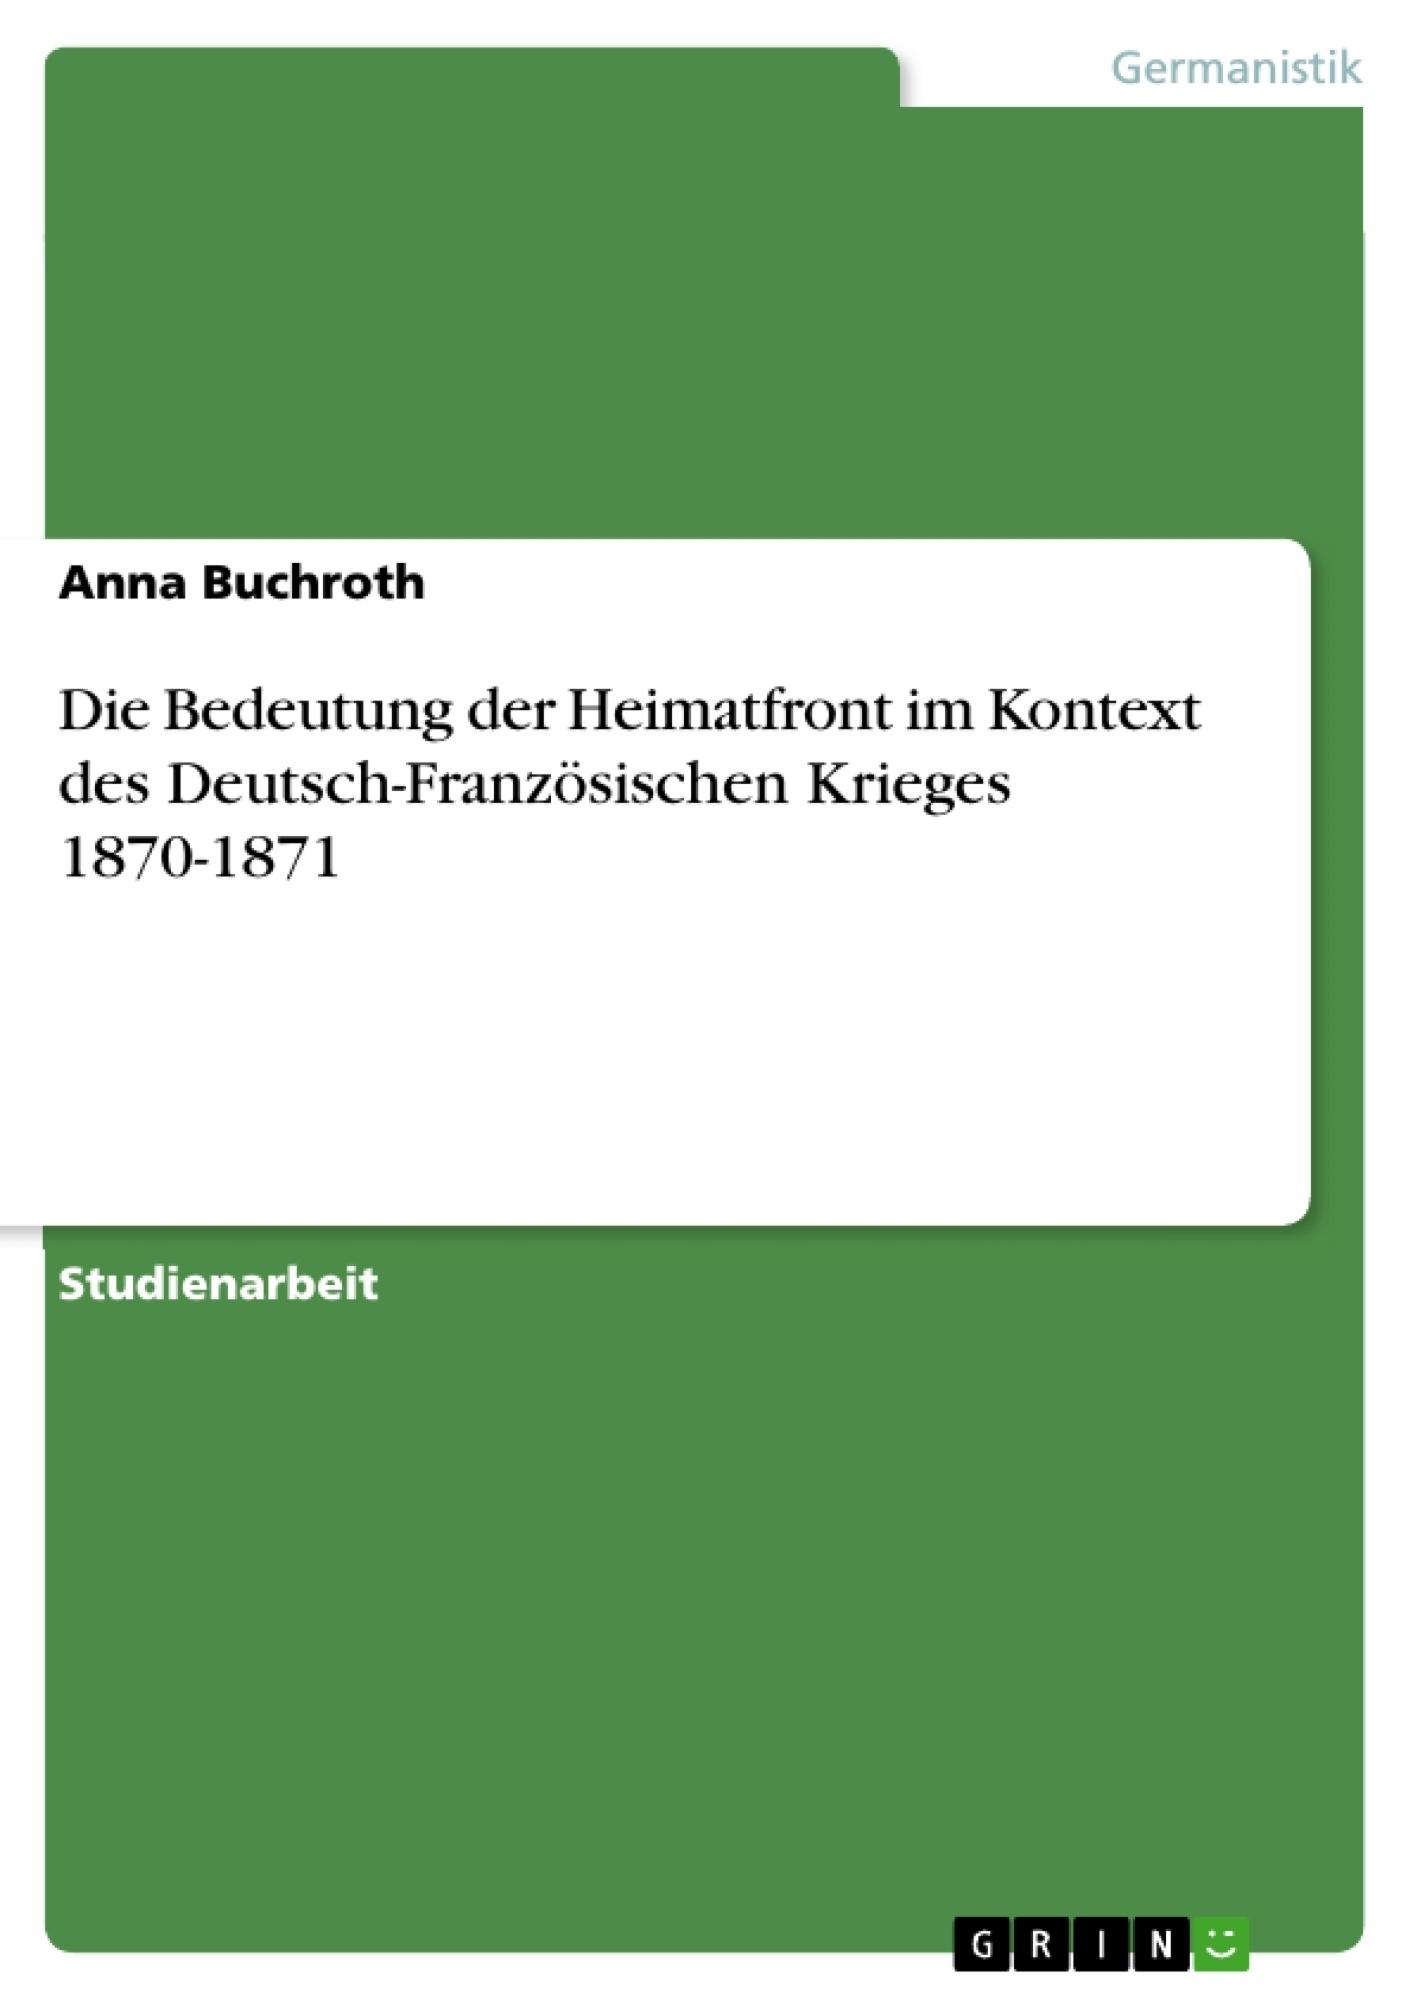 Titel: Die Bedeutung der Heimatfront im Kontext des Deutsch-Französischen Krieges 1870-1871